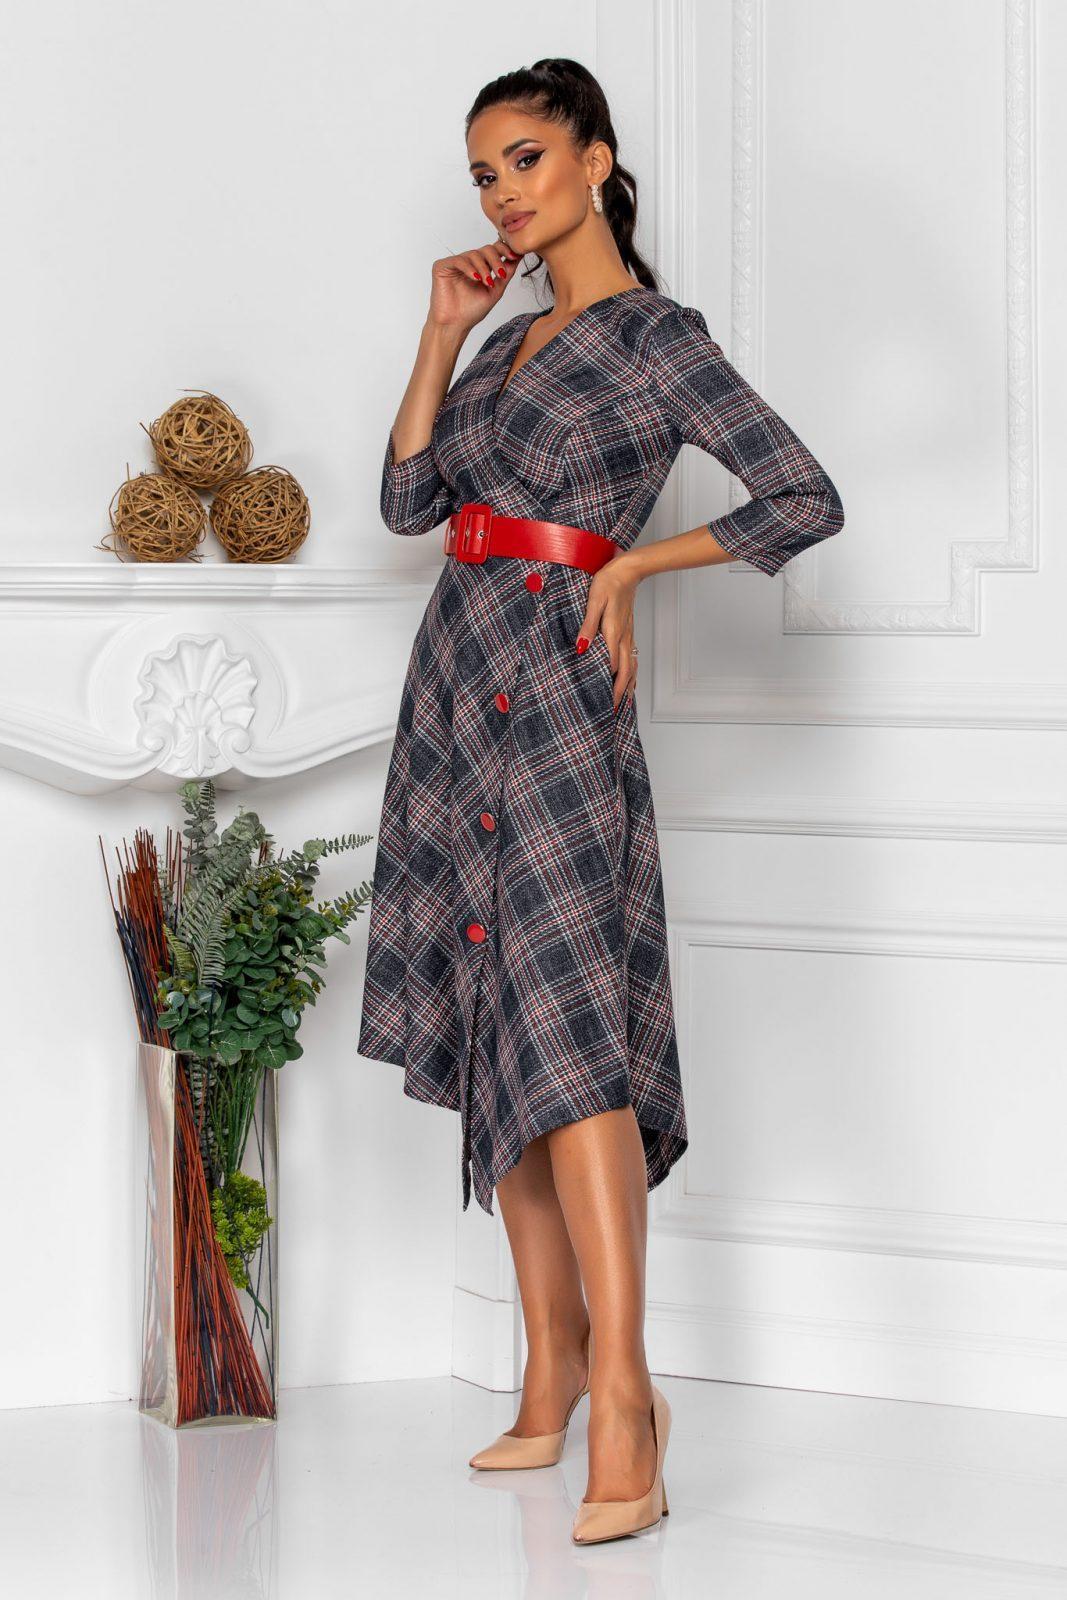 Καρό Φόρεμα Με Κόκκινη Ζώνη Rinny 8336 2